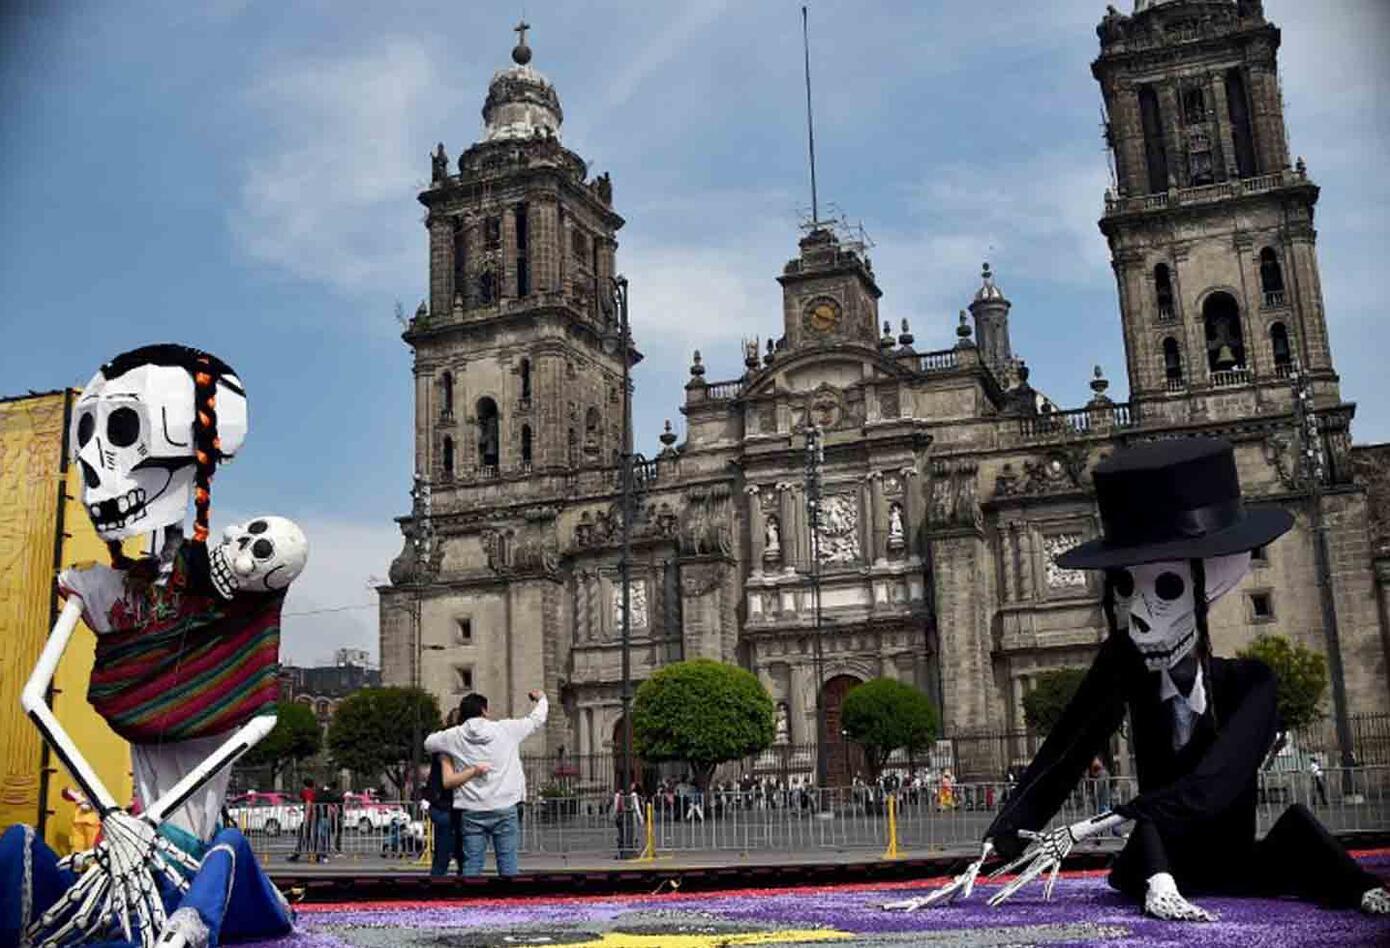 La película 'Coco' conmemora dentro de sus personajes a figuras mexicanas como Frida Khalo y Pedro Infante.